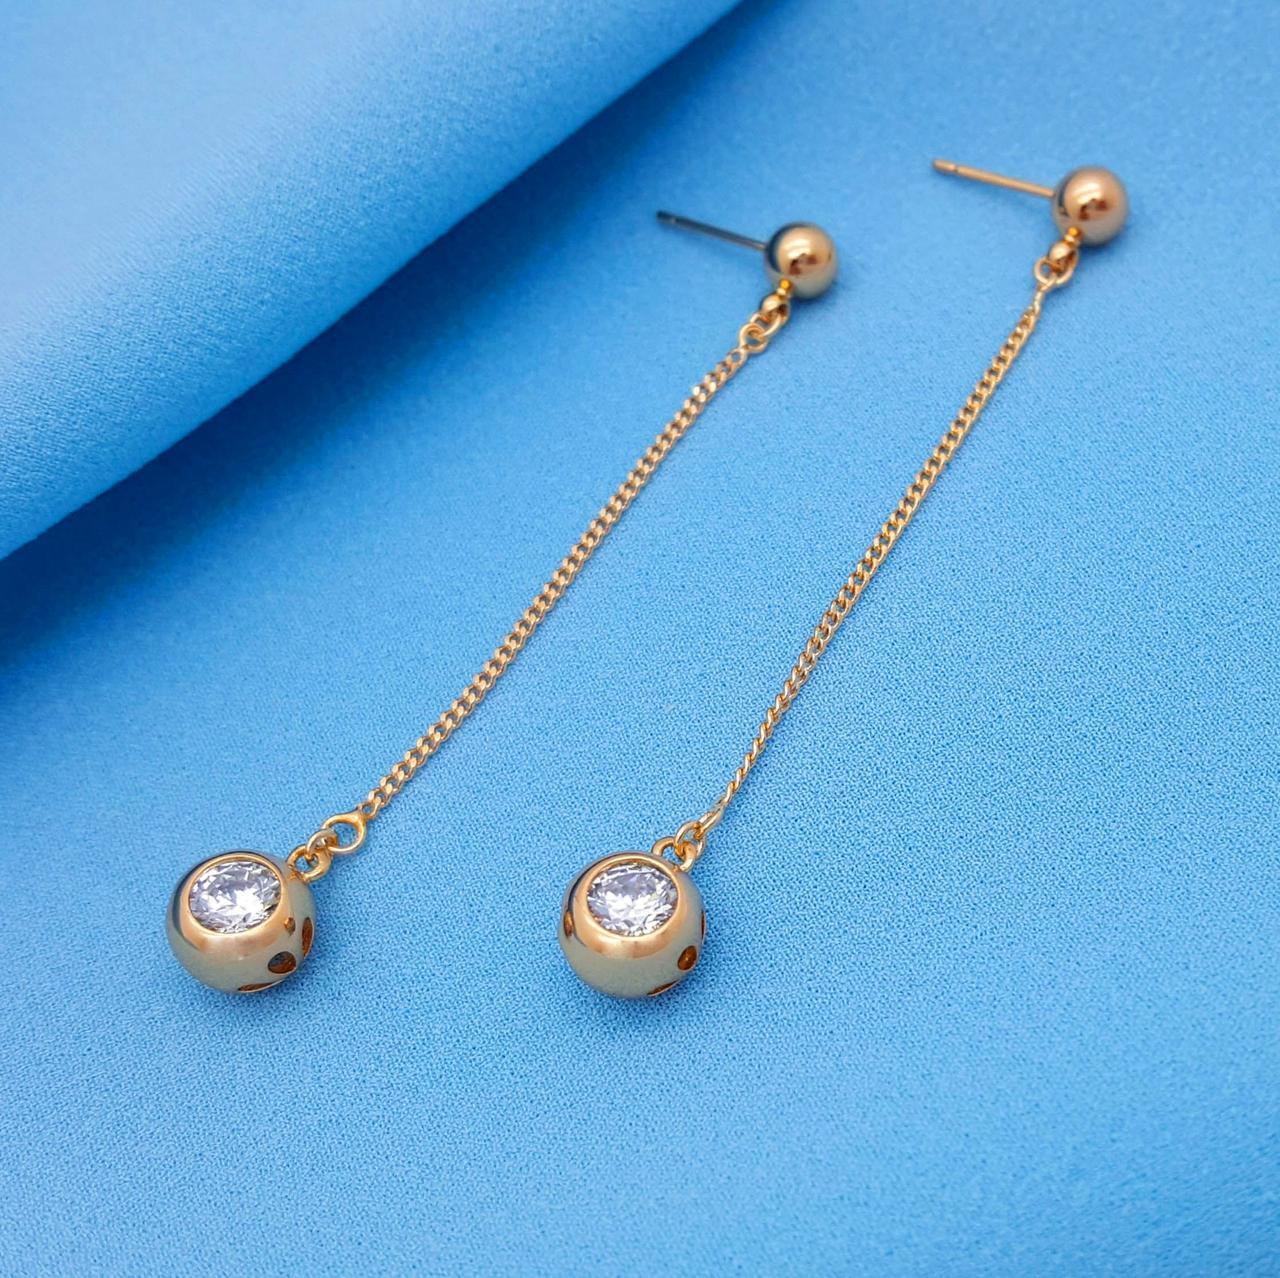 Сережки гвоздики, Вісюльки на ланцюжку з циркониєм, позолота Xuping